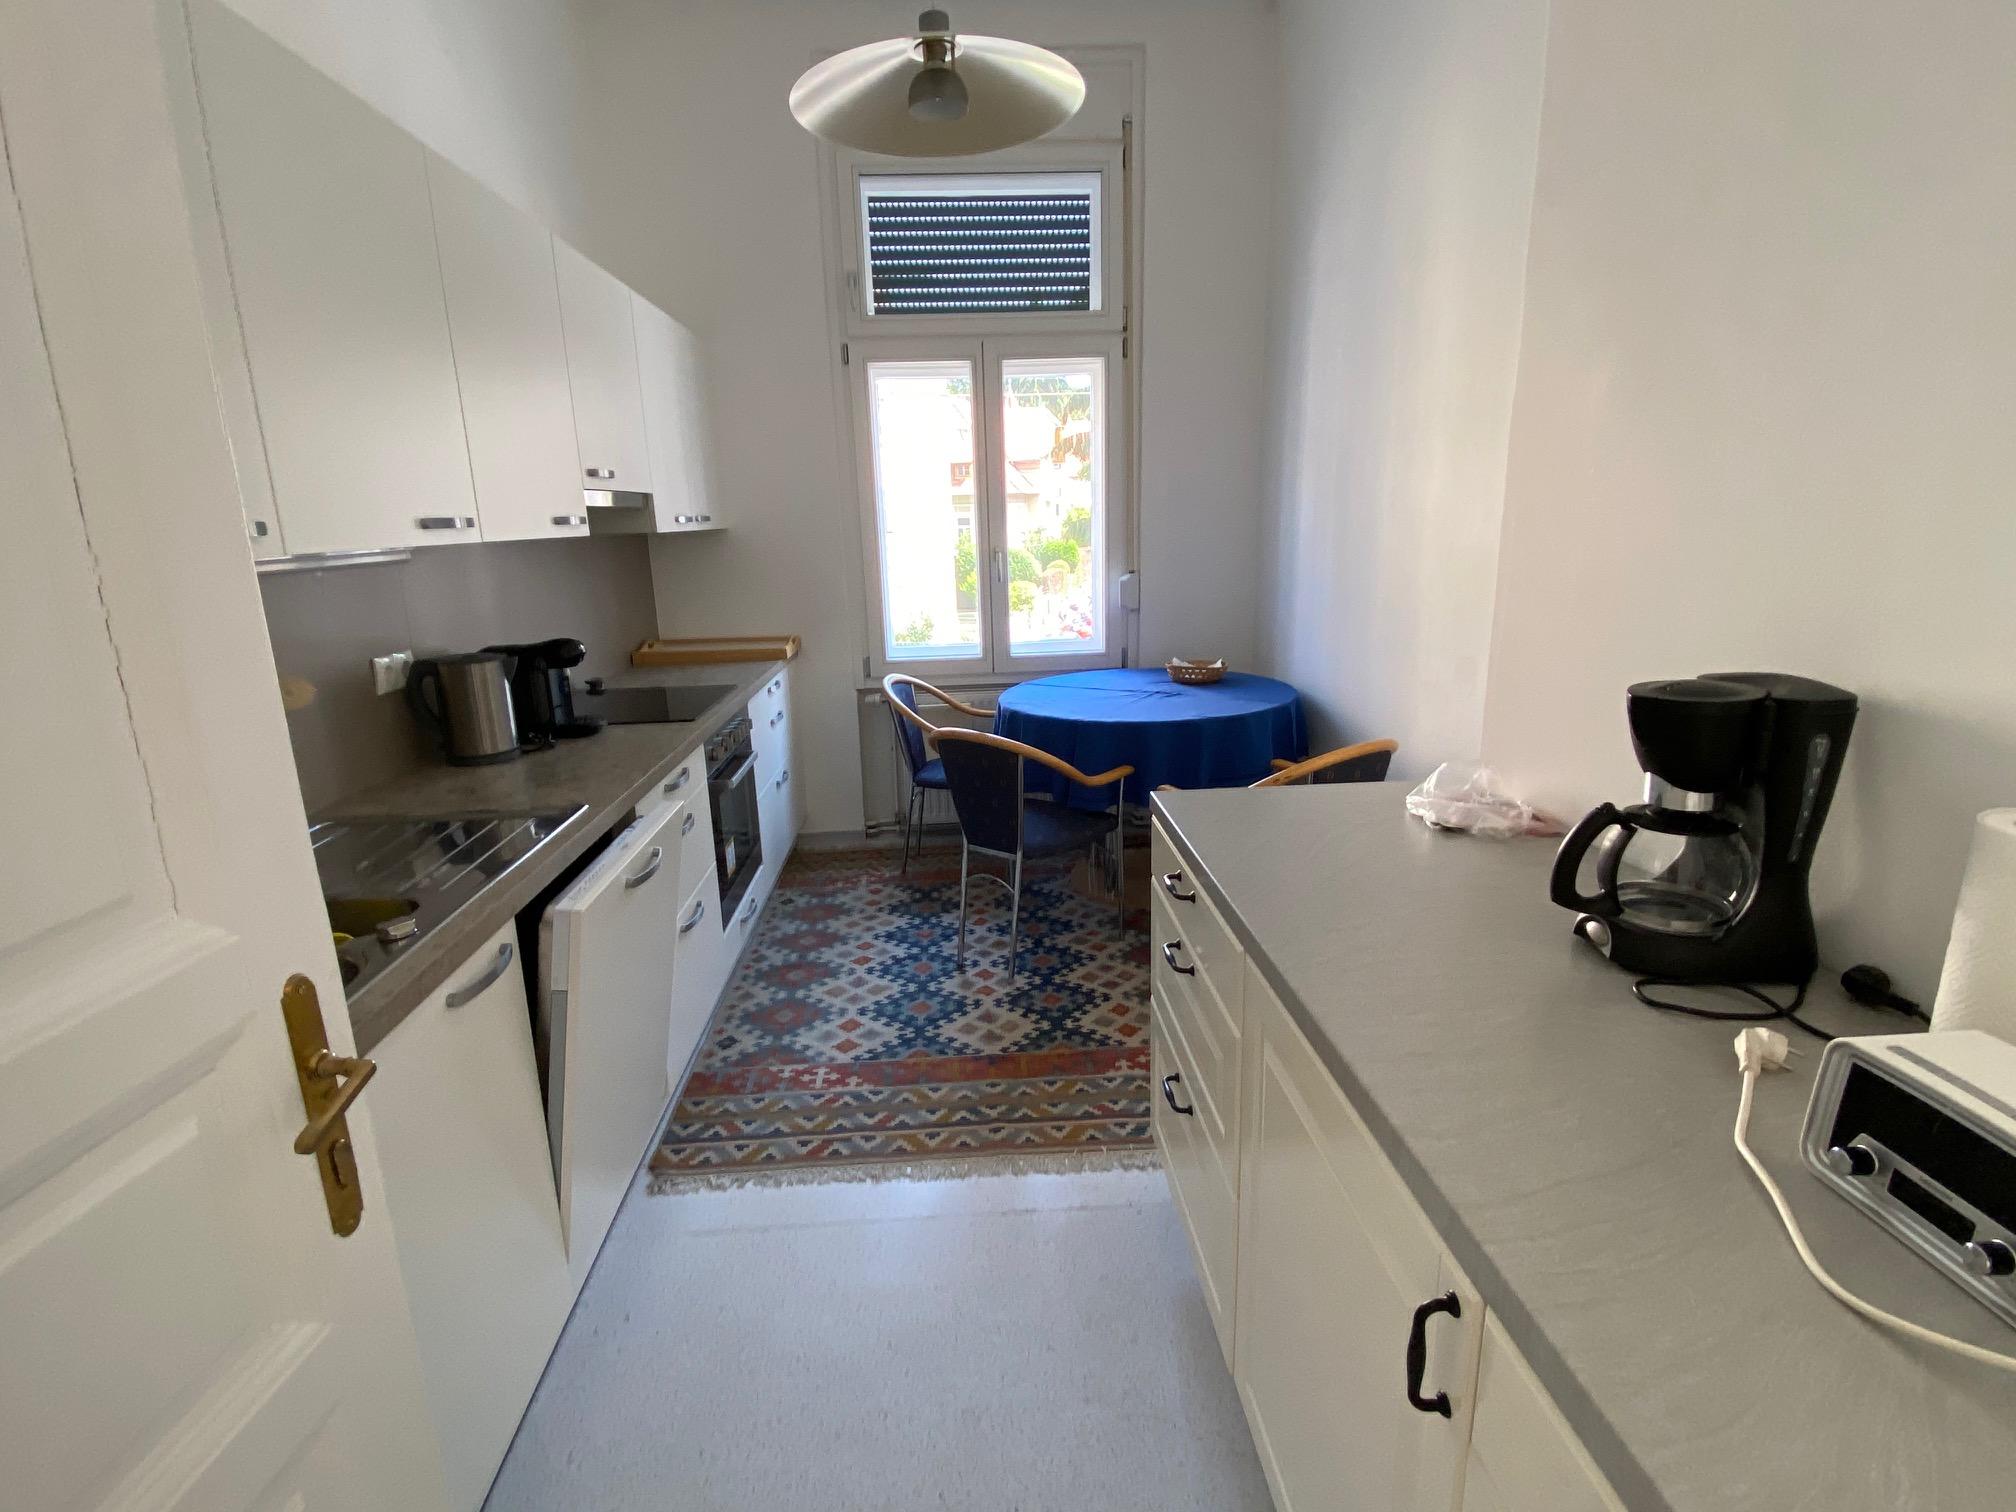 Graz-Schillerplatz. Sehr schöne 3-Zimmerwohnung mit kleinem Balkon